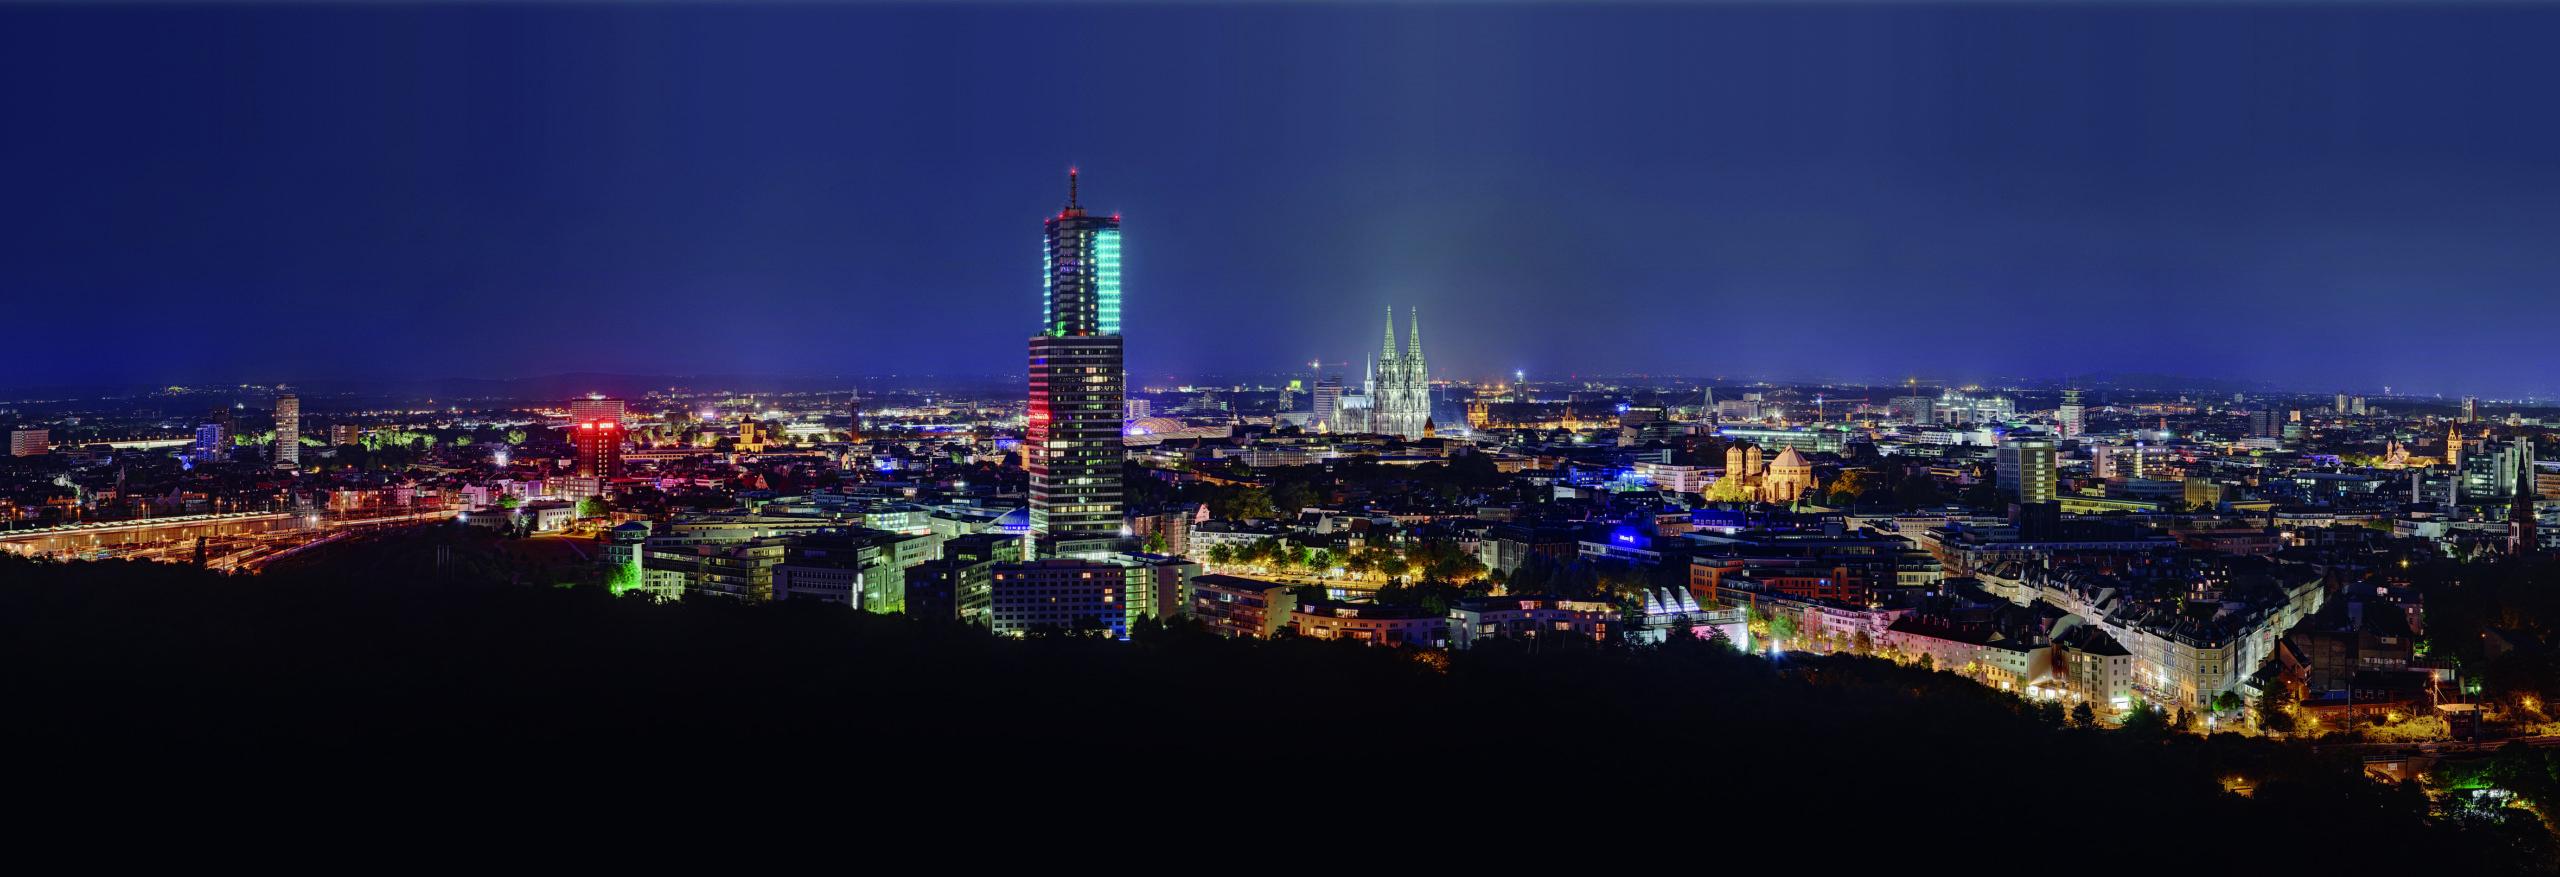 KölnTurm, Köln